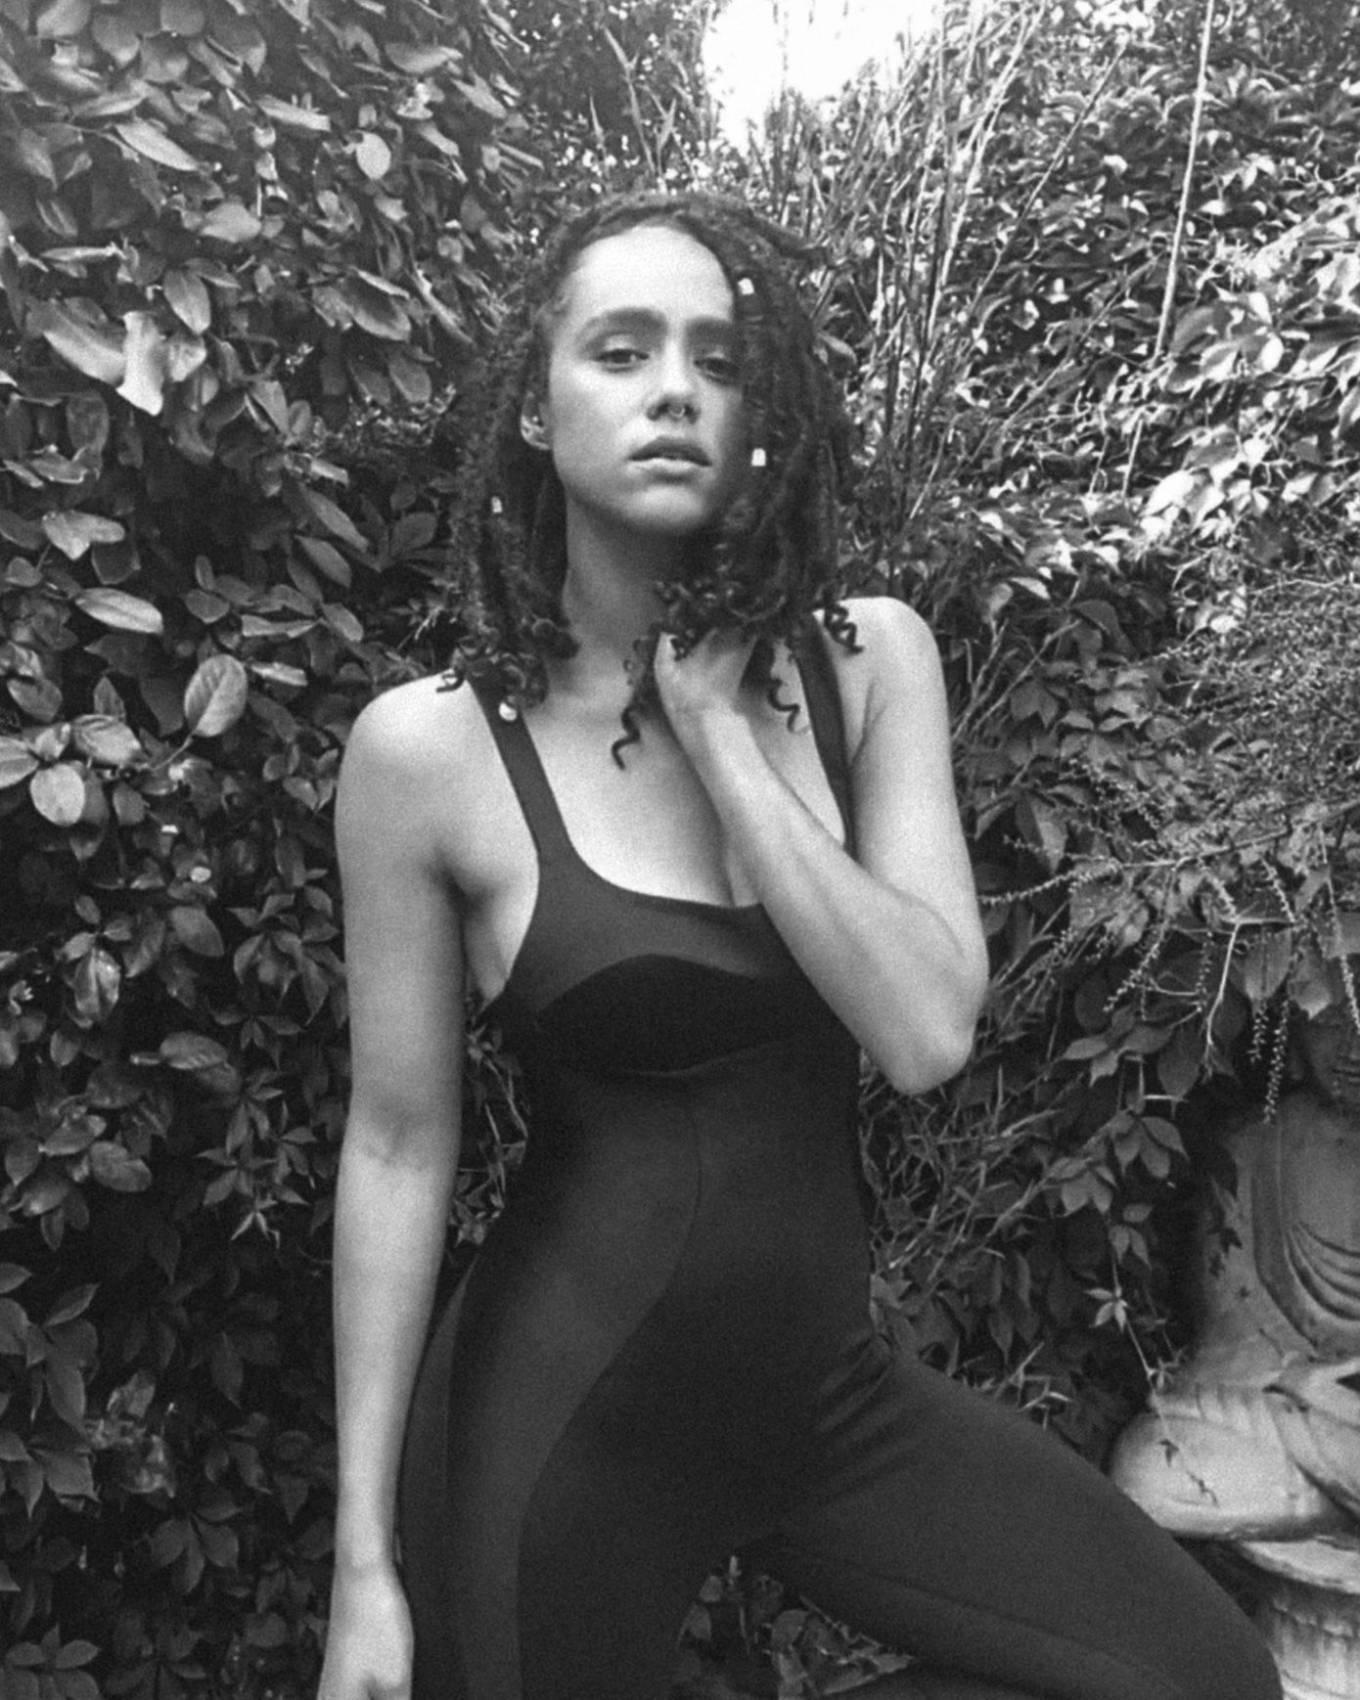 Nathalie Emmanuel 2020 : Nathalie Emmanuel – CR Fashion Book by Emily Soto (July 2020)-03